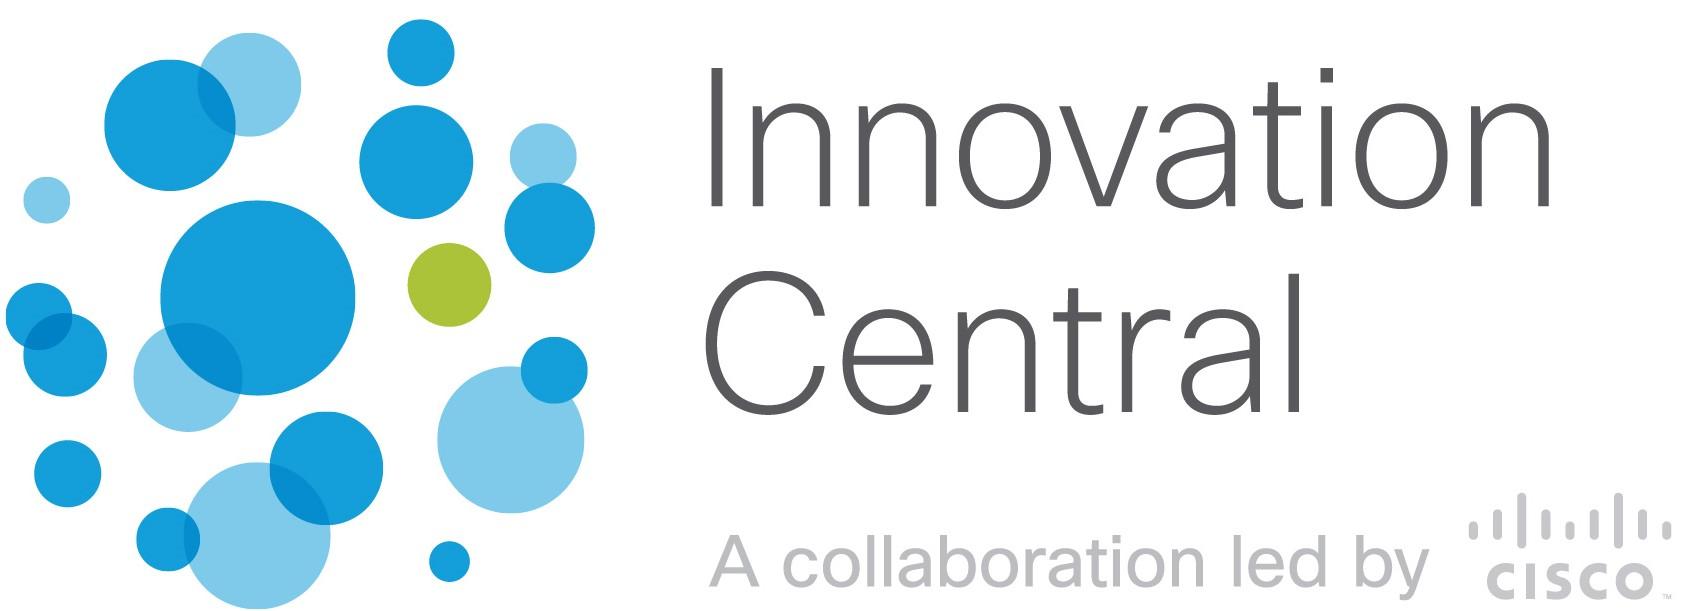 Cisco Innovation Central logo.jpg